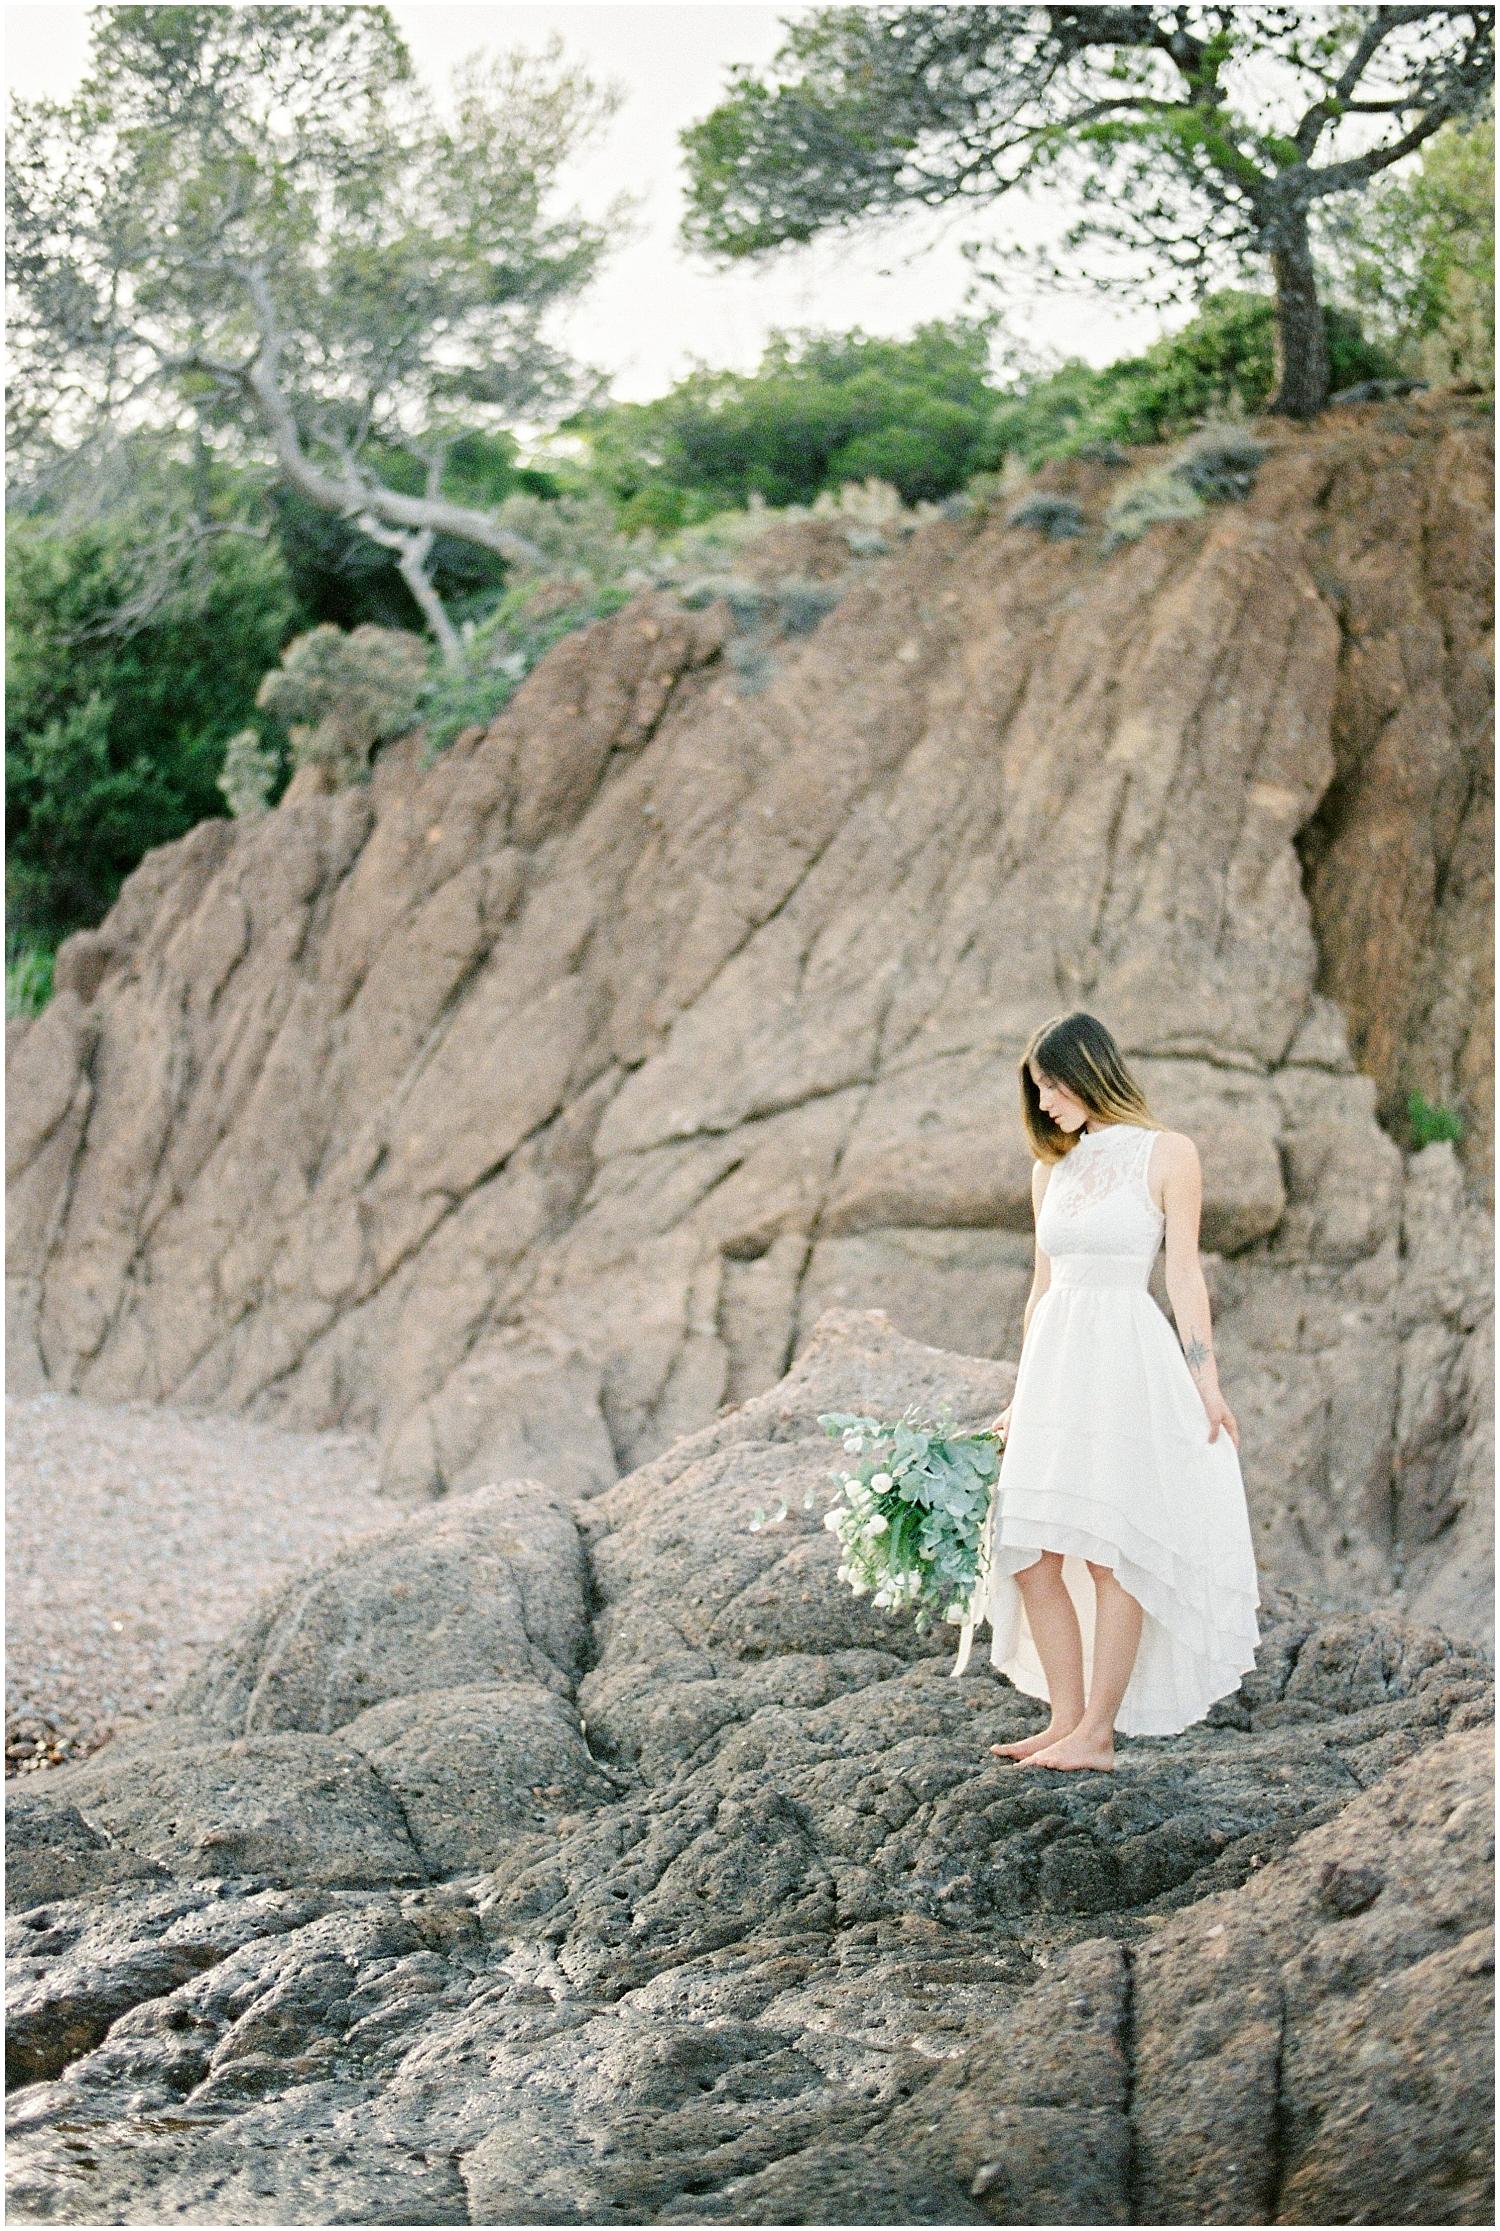 Shoot_inspiration_mariage_Gaetan_Jargot_0006.jpg